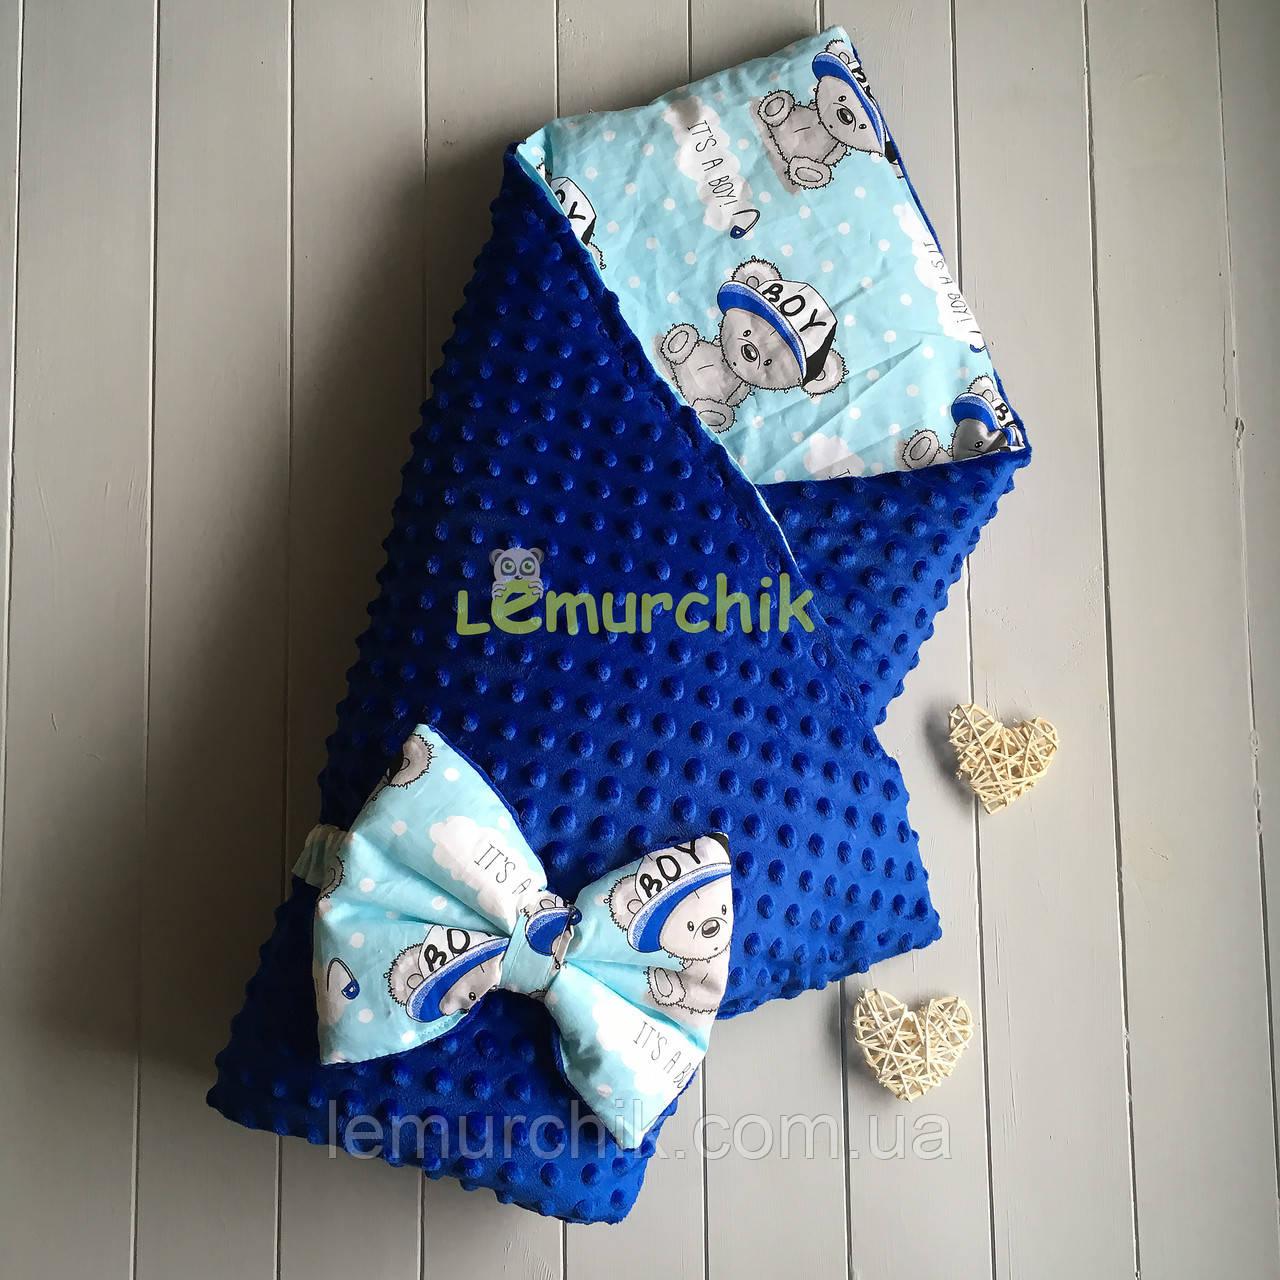 Конверт-одеяло минки на синтепоне синий с мишками